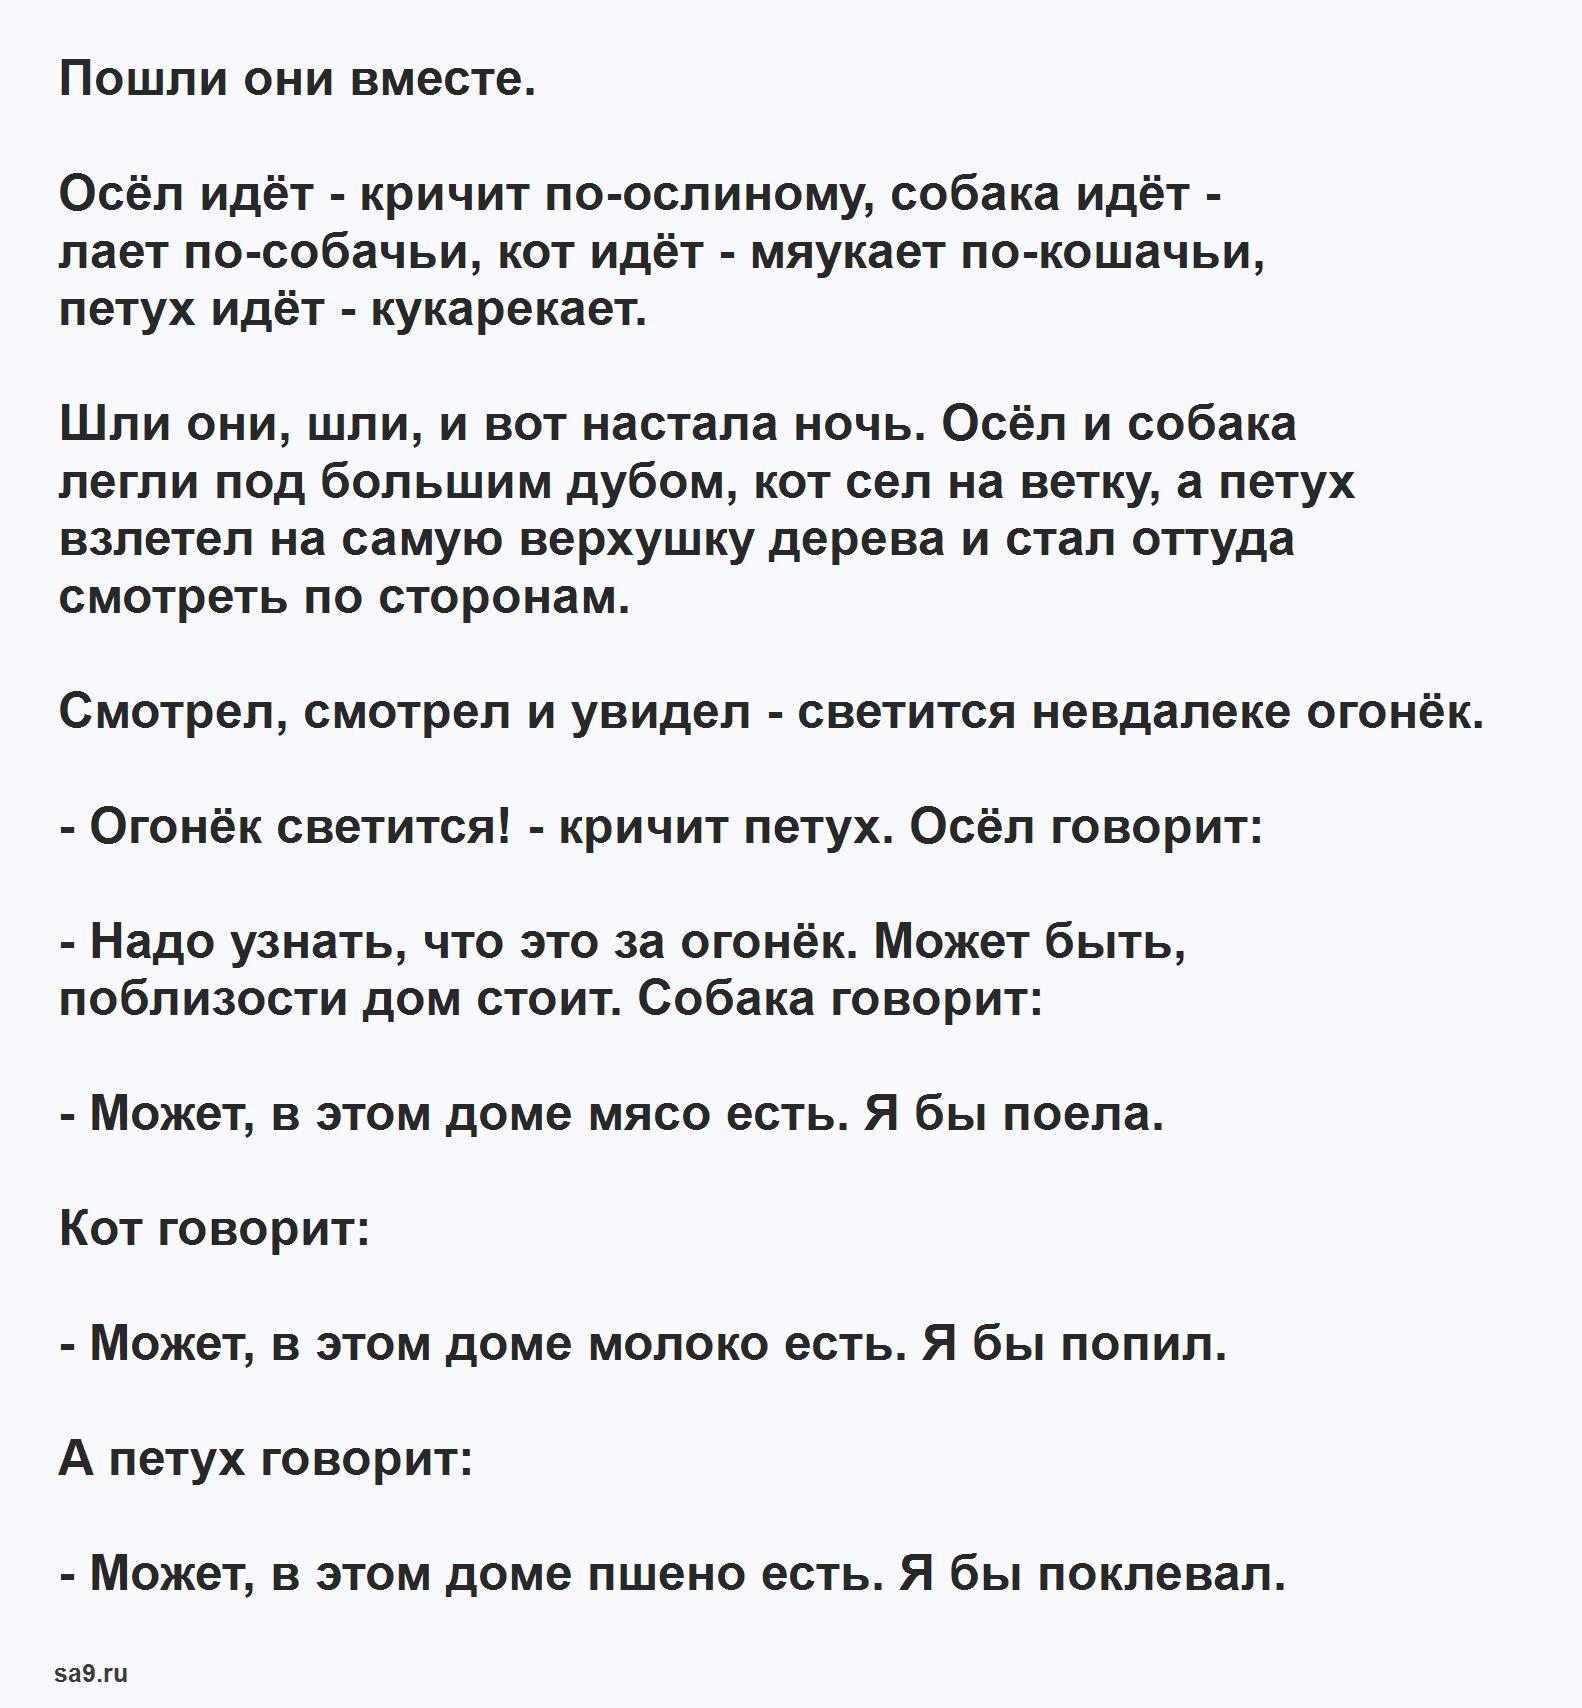 Сказка братьев Гримм – Бременские музыканты, читать онлайн бесплатно